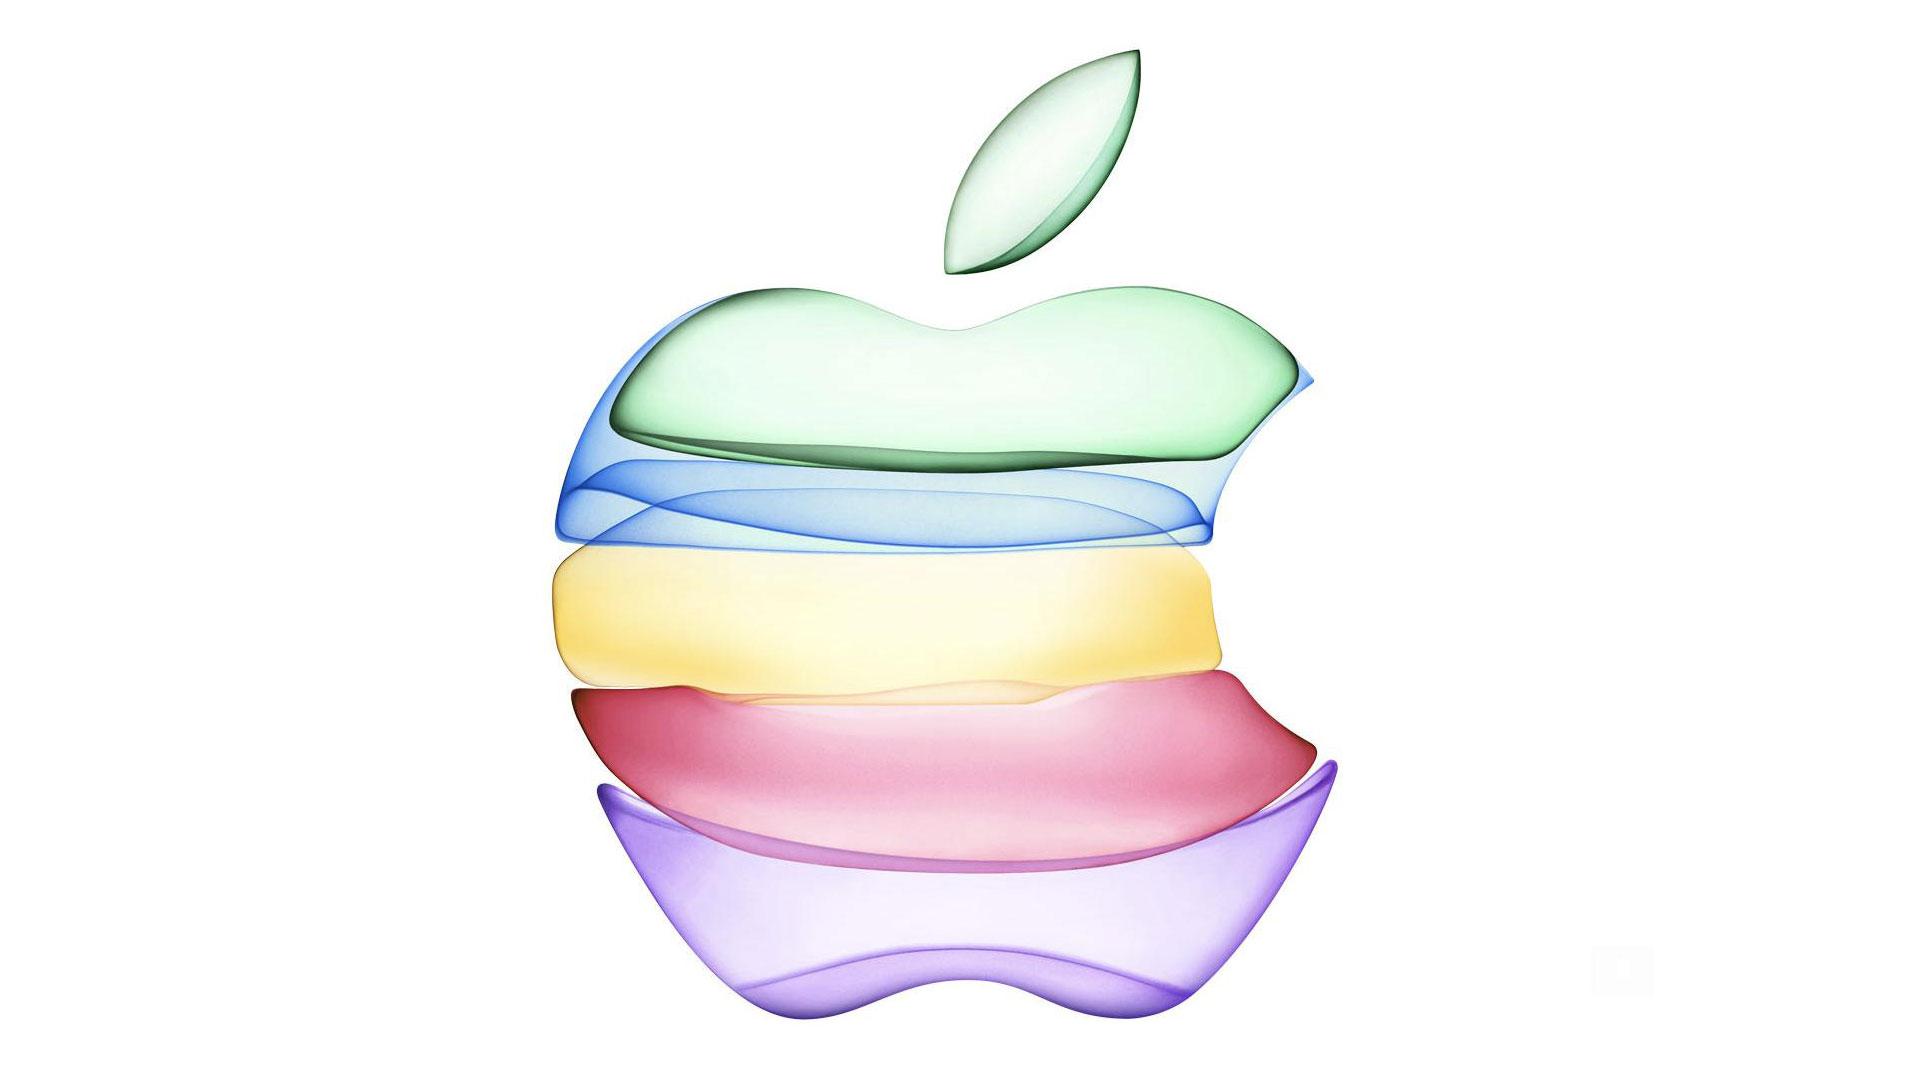 Apple wprowadzi³o zmiany w polityce serwisowej dotycz±cej urz±dzeñ po kontakcie z ciecz±